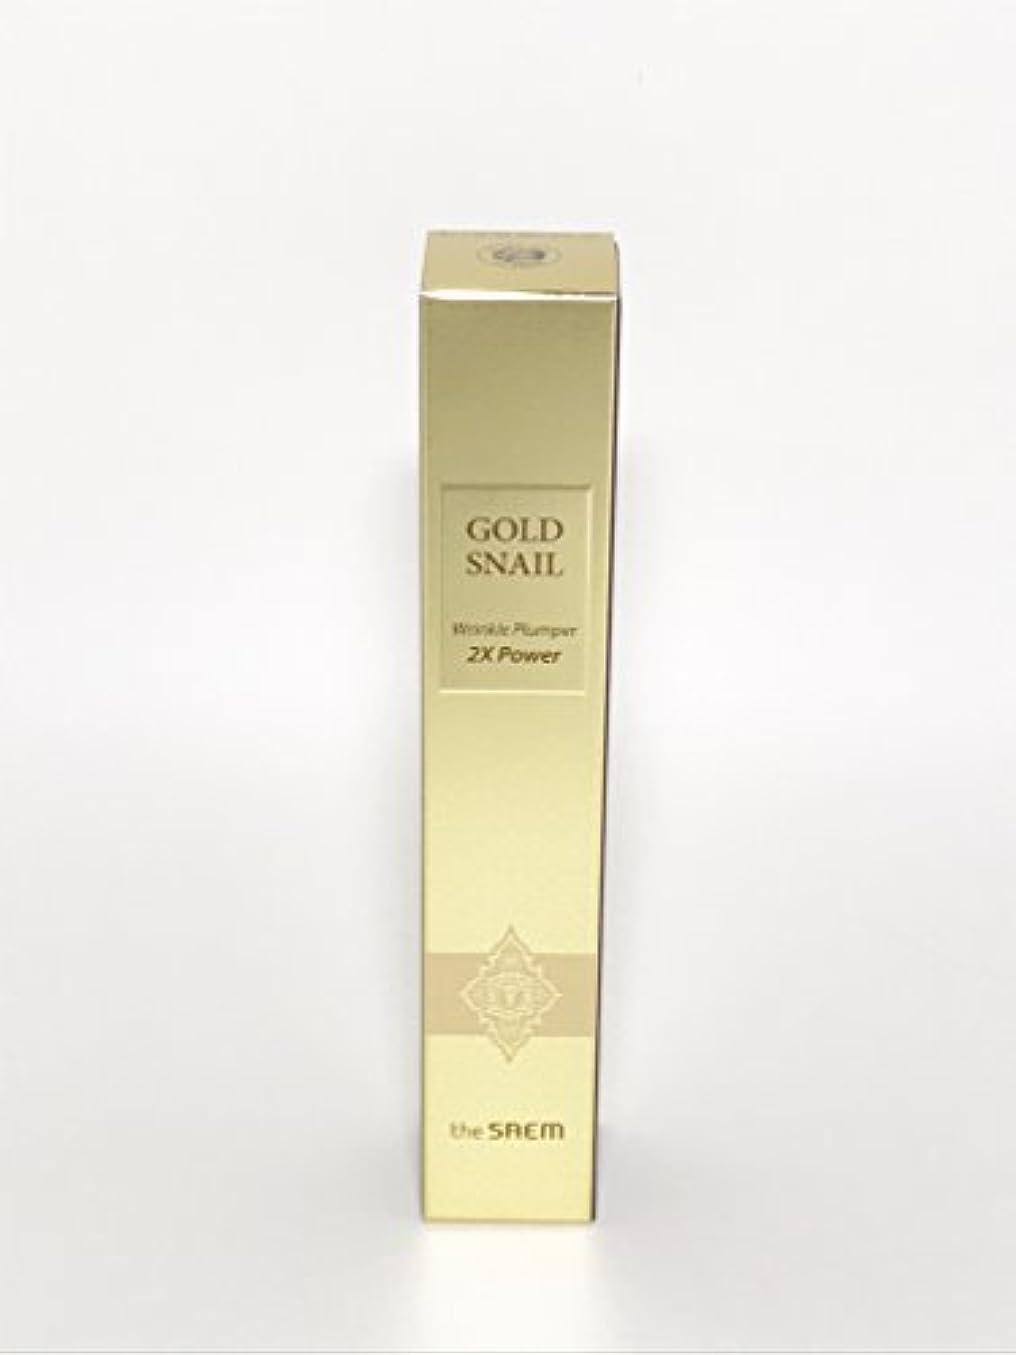 節約する入浴過剰GOLD SNAIL Wrinkle Plumper 2×Power ゴールドスネイル リンクルプランパー 2×パワー【並行輸入品】